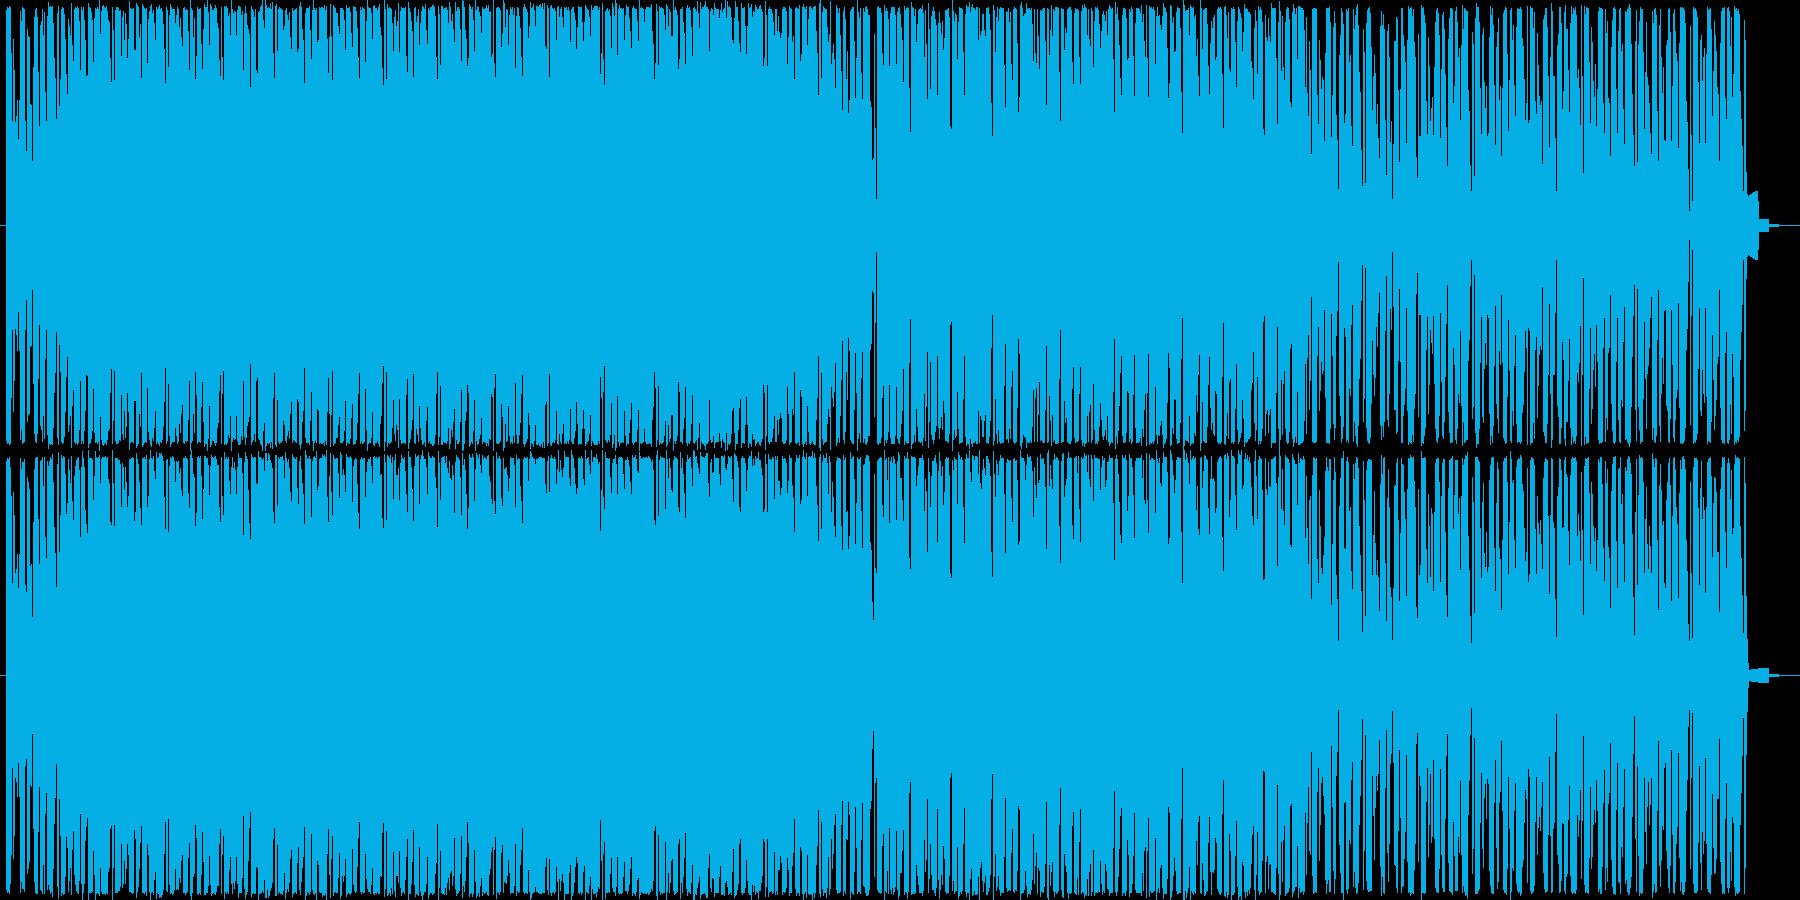 サイレン音を使用したループ音源の再生済みの波形